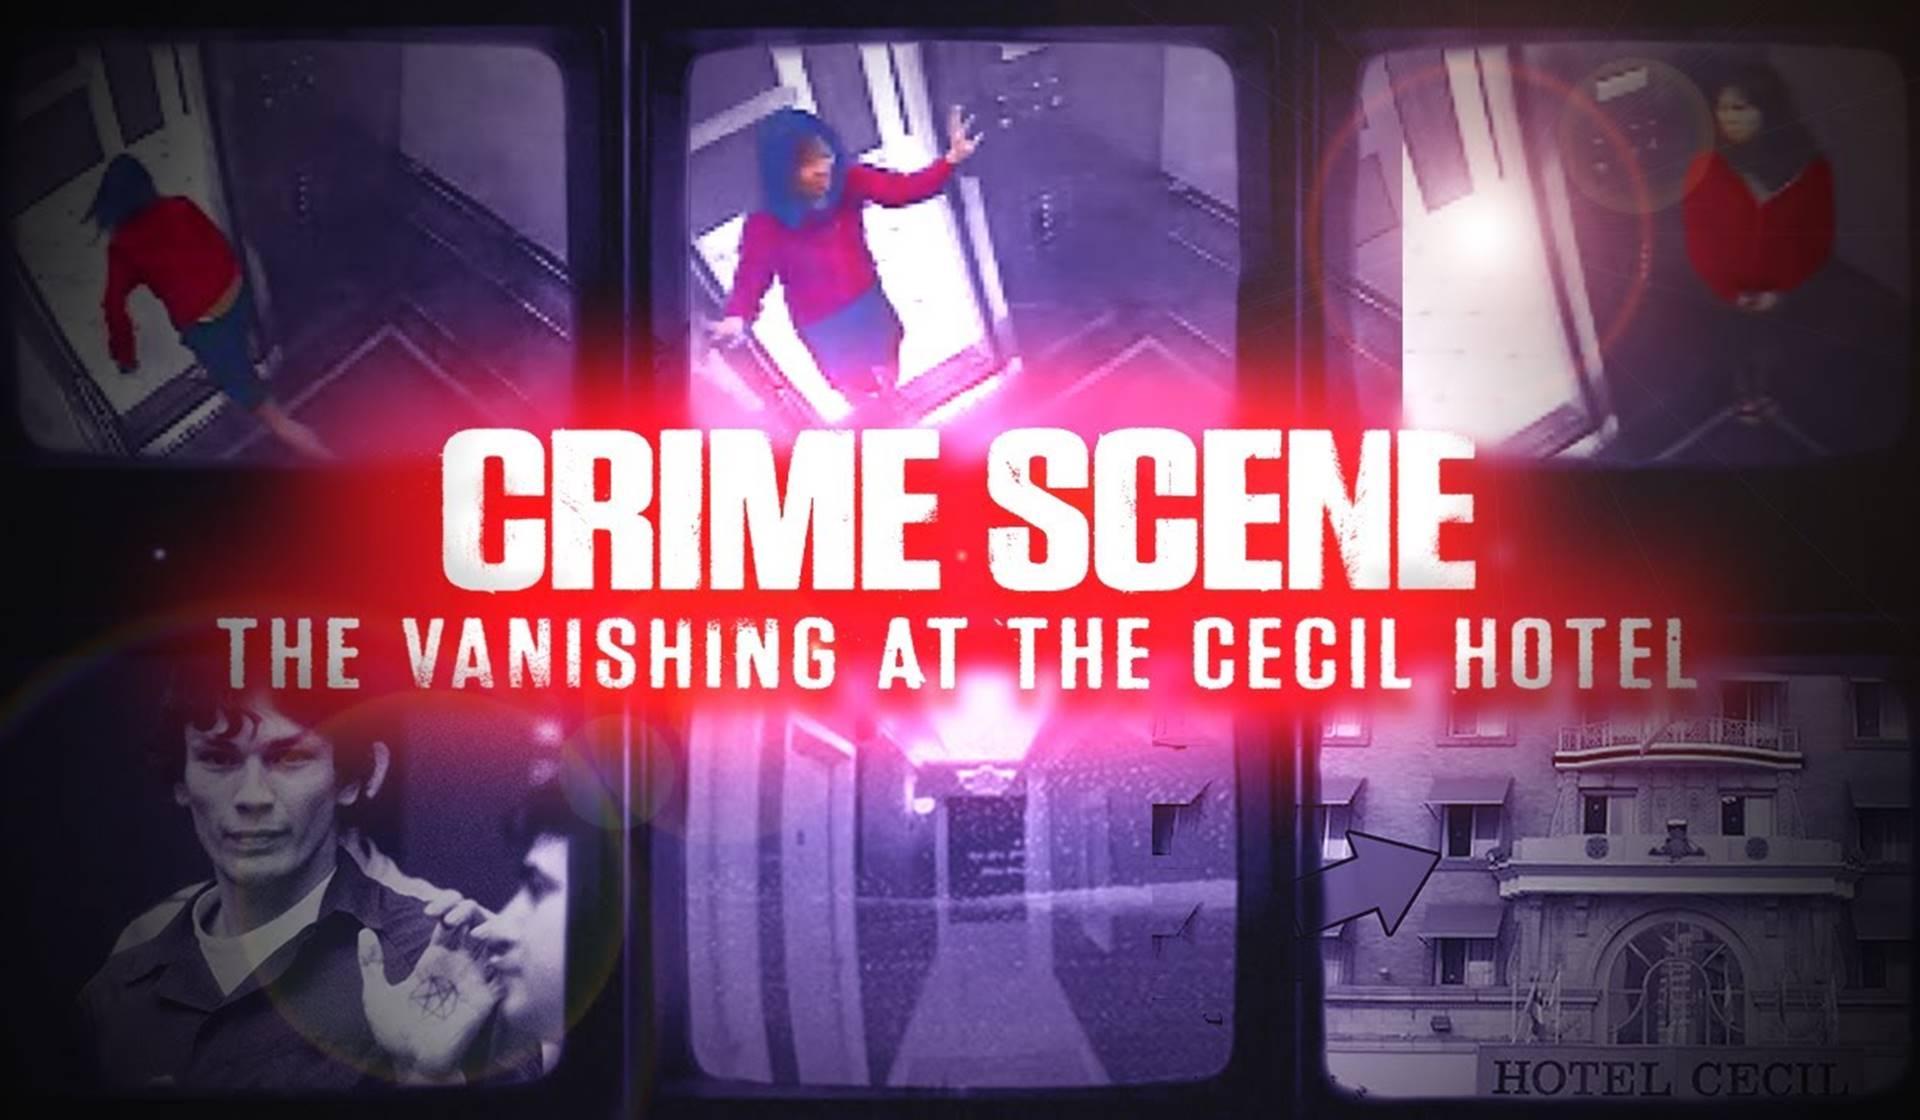 'Escena del crimen: desaparición en el Hotel Cecil', el caso no tan inexplicable de Elisa Lam